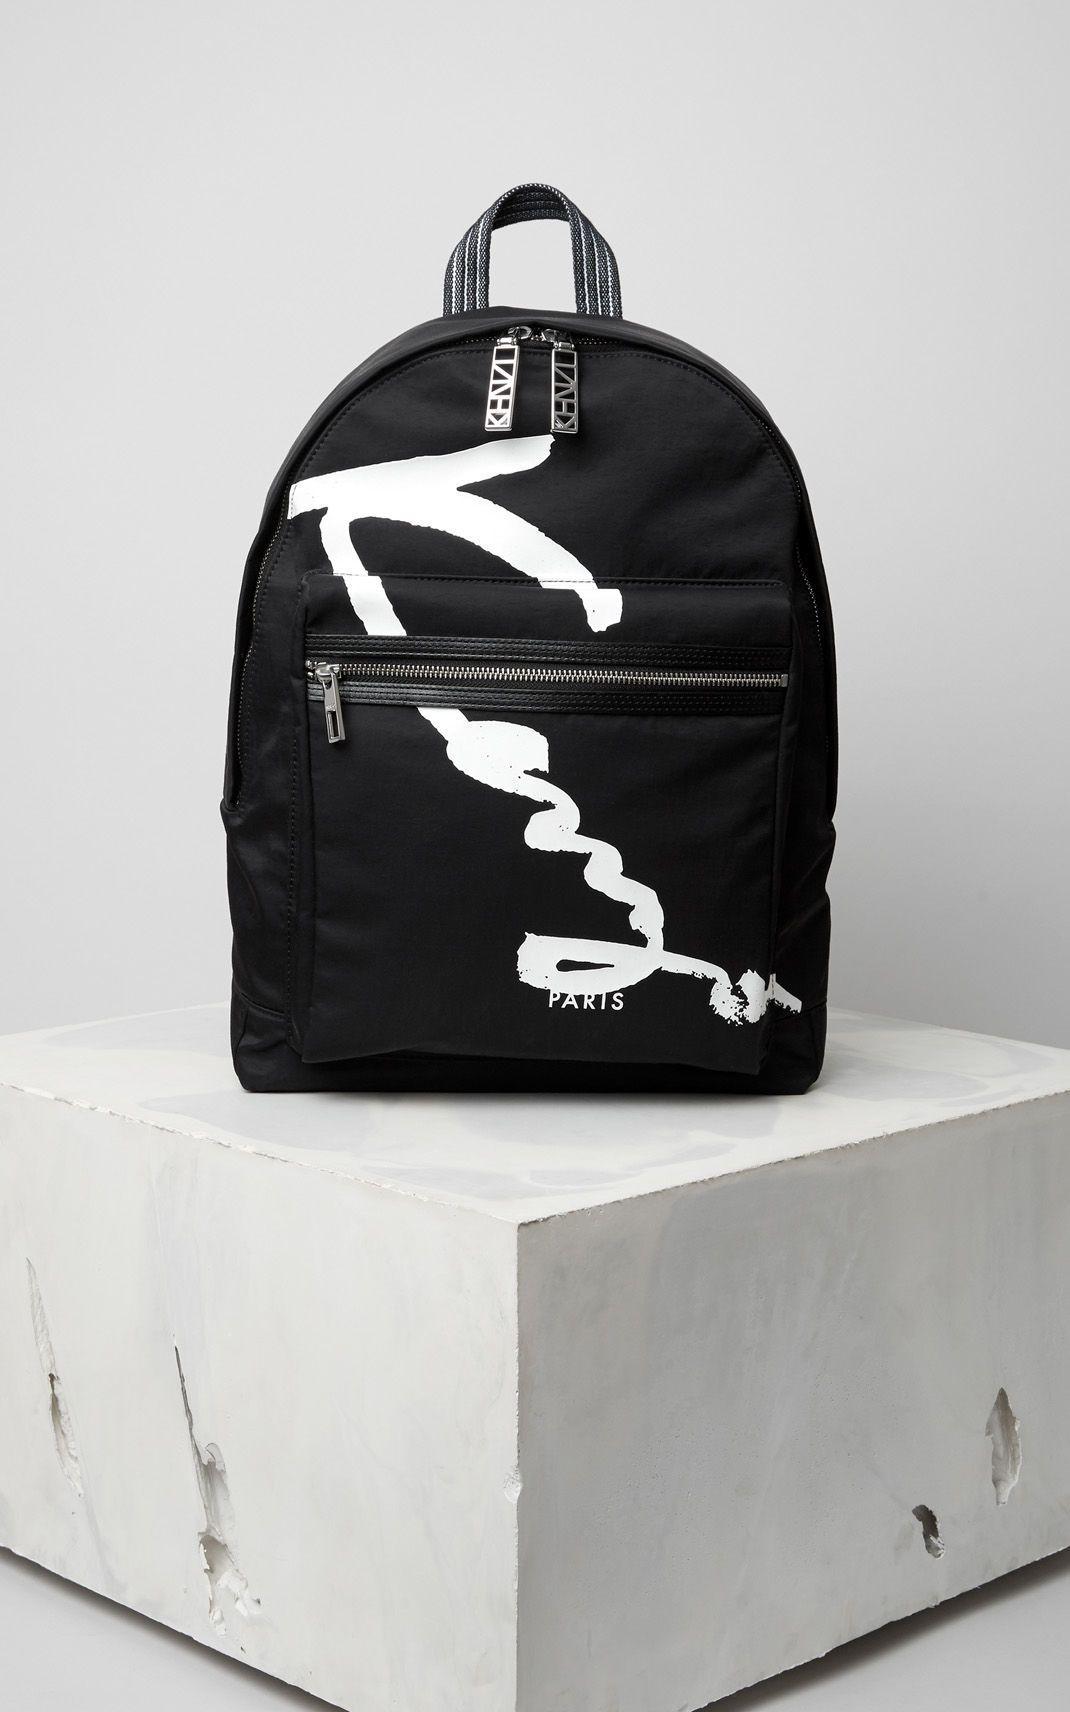 1c2086d608f KENZO Signature Backpack, BLACK, KENZO | Kenzo | Kenzo, Bags, Backpacks